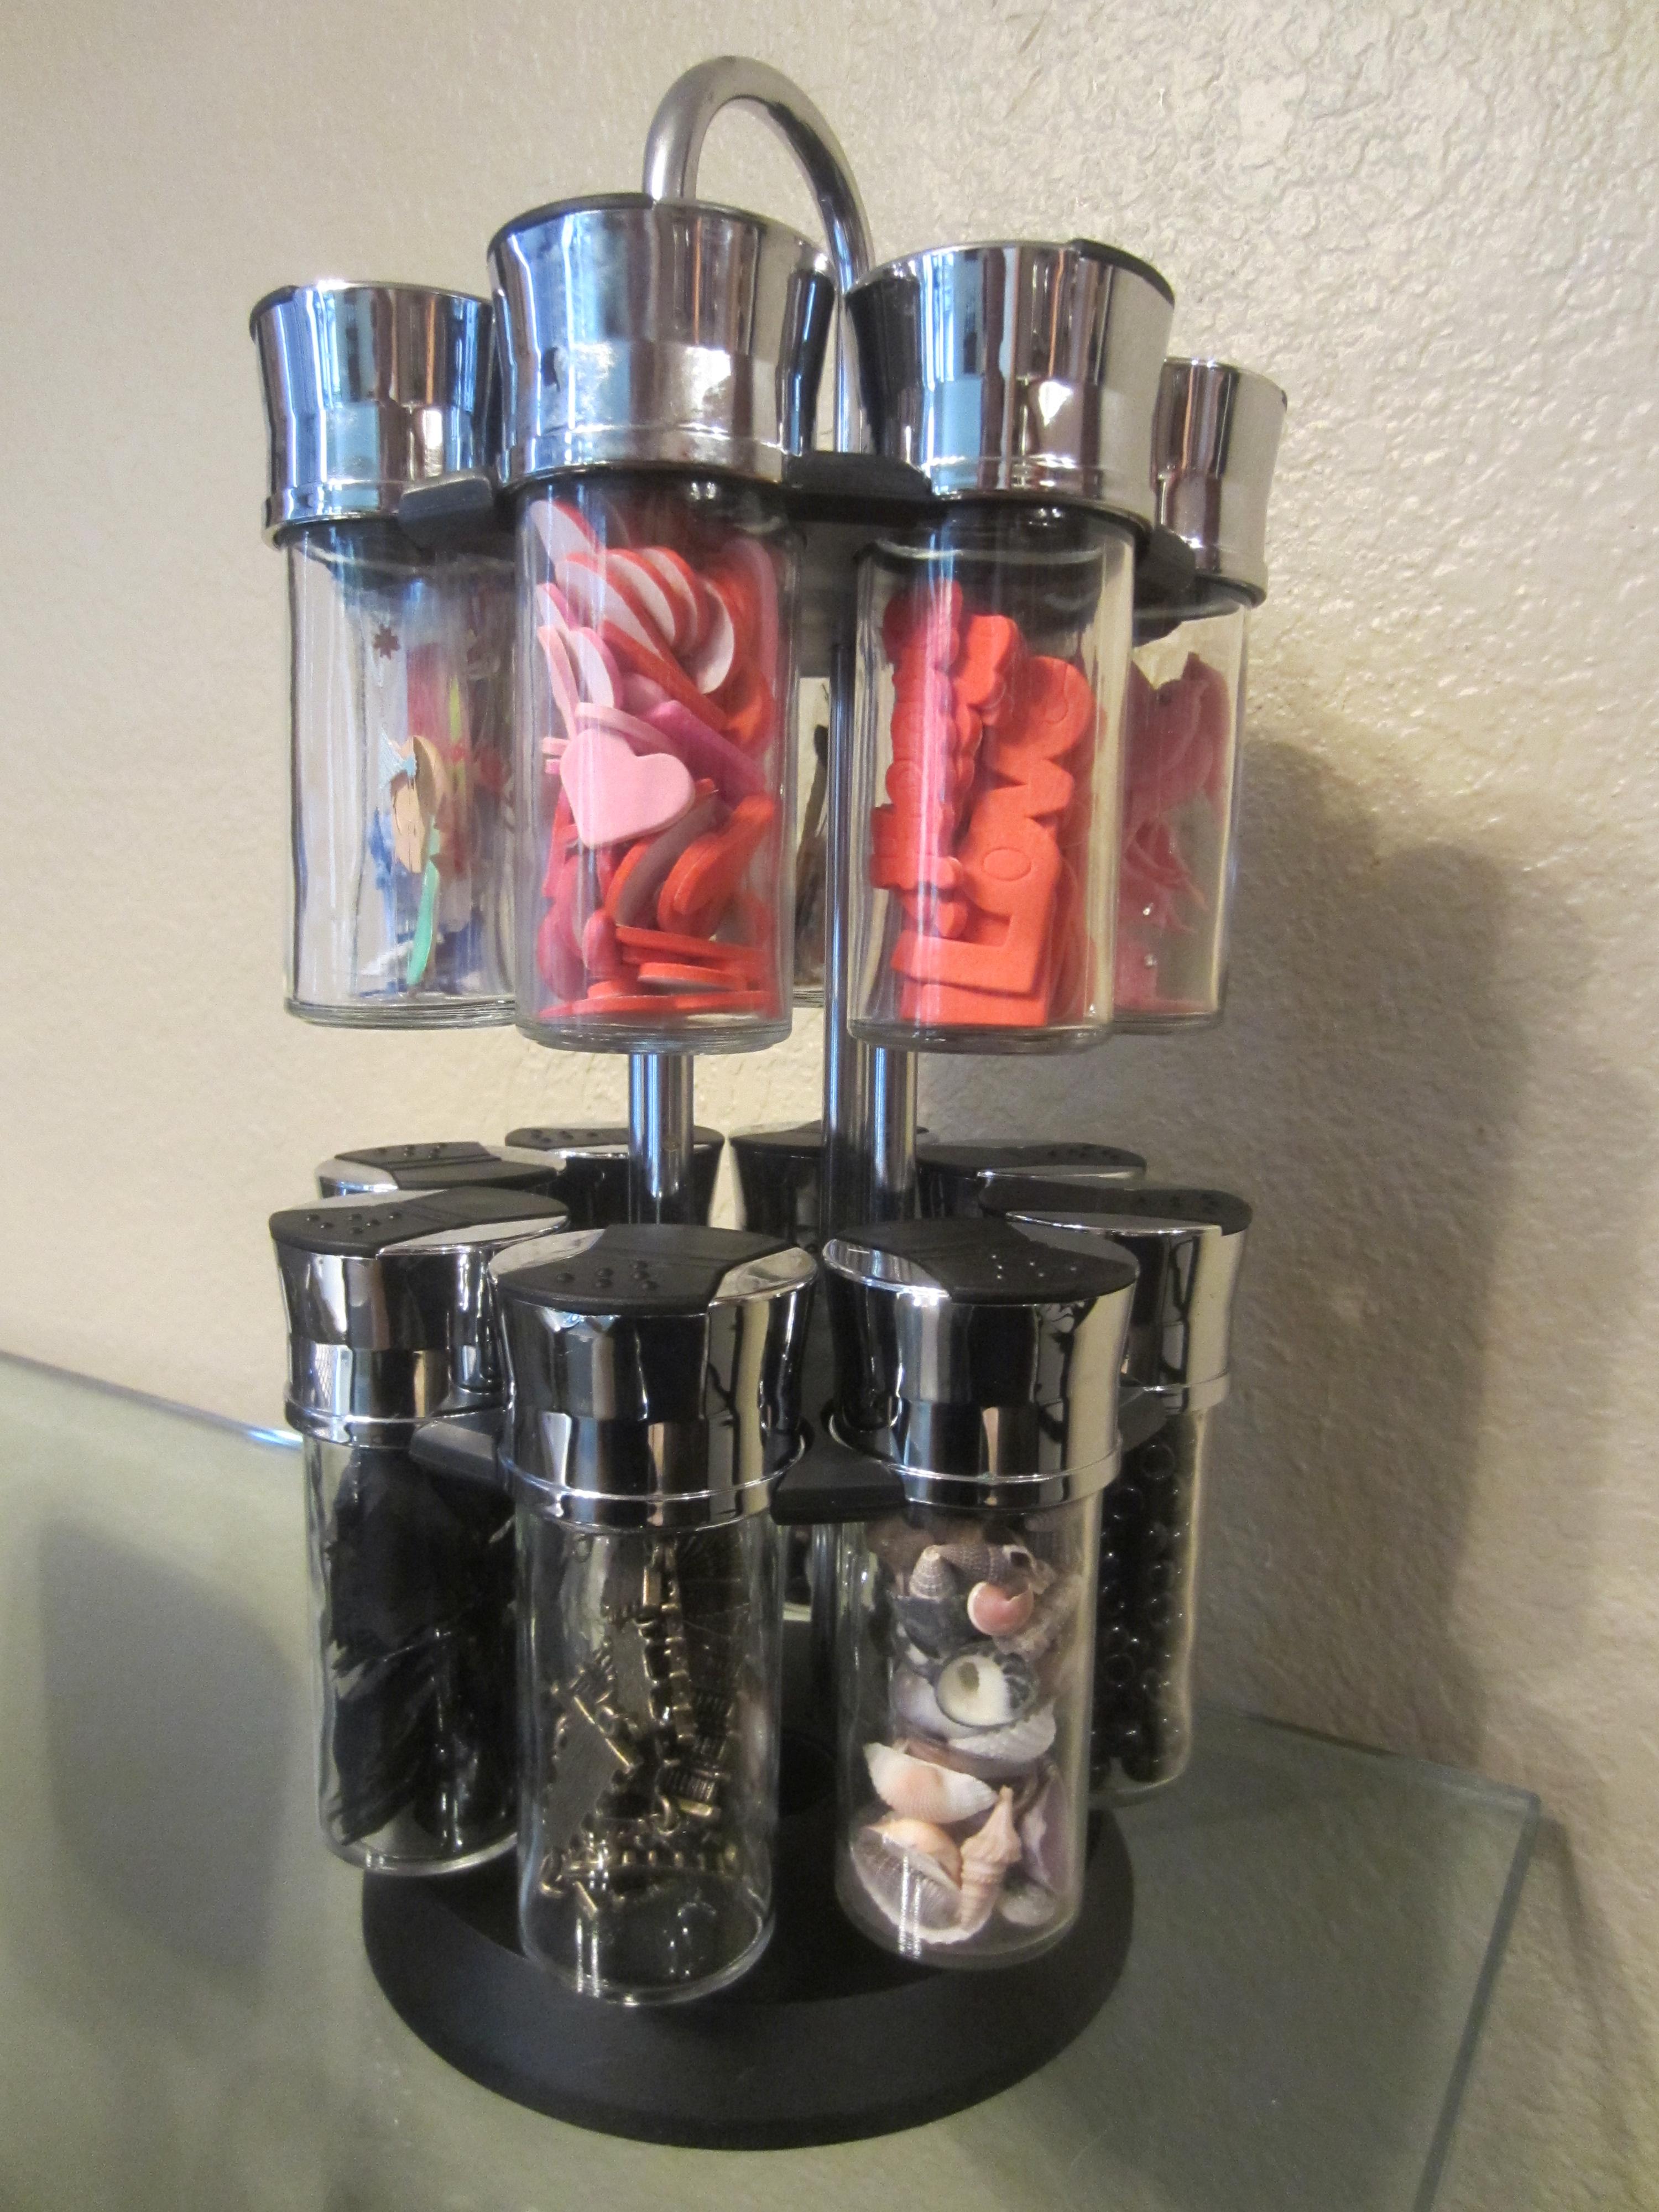 Repurposing Repurposed Spice Rack Diy Inspired